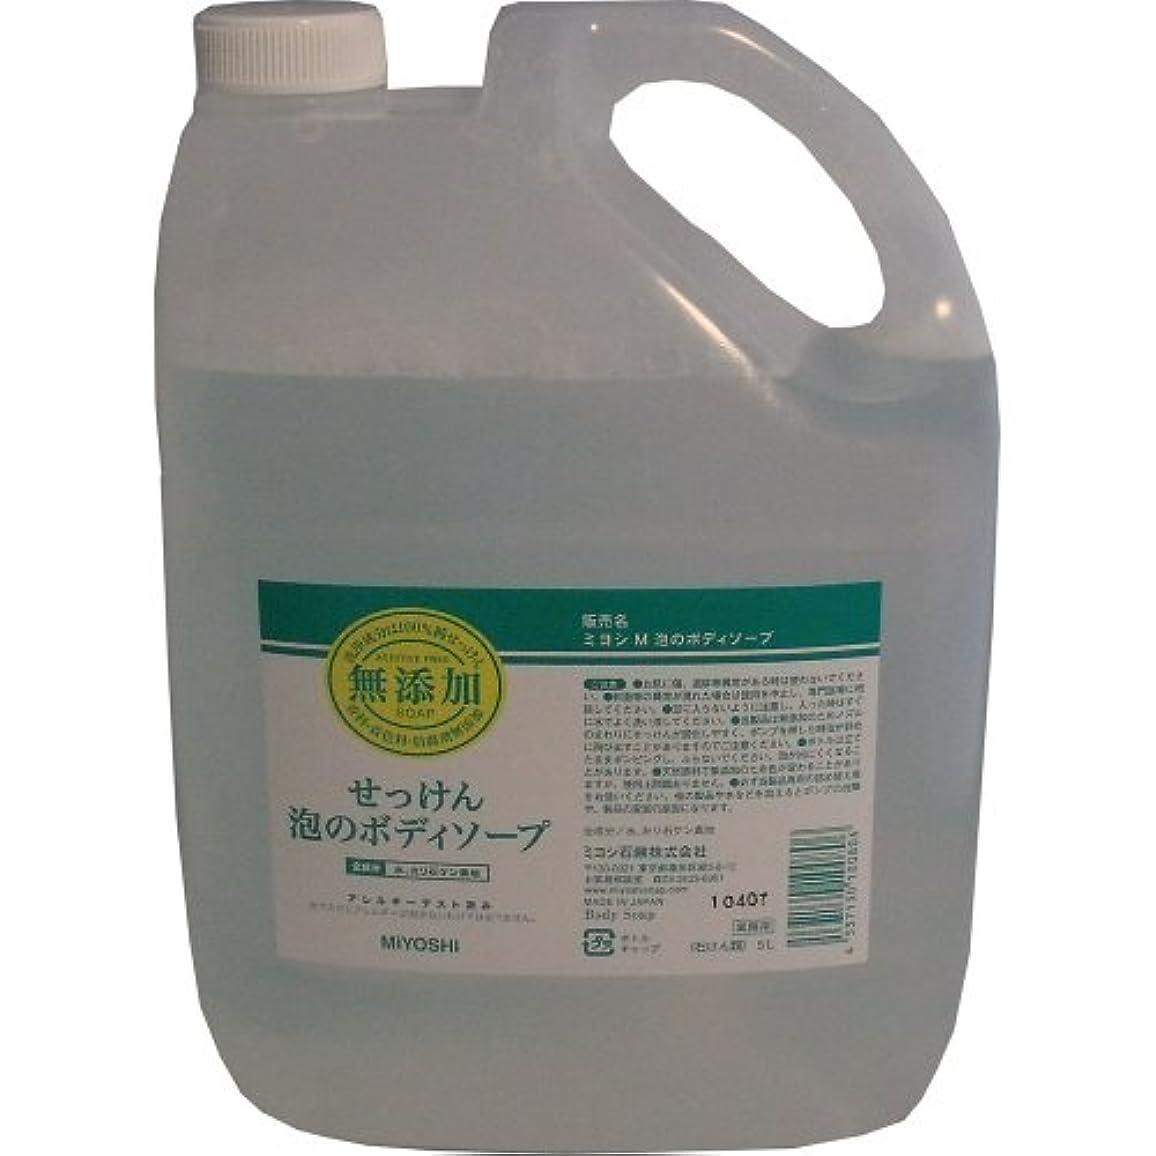 熟考する補正スリラーミヨシ石鹸 業務用 無添加せっけん 泡のボディソープ 詰め替え用 5Lサイズ×4点セット